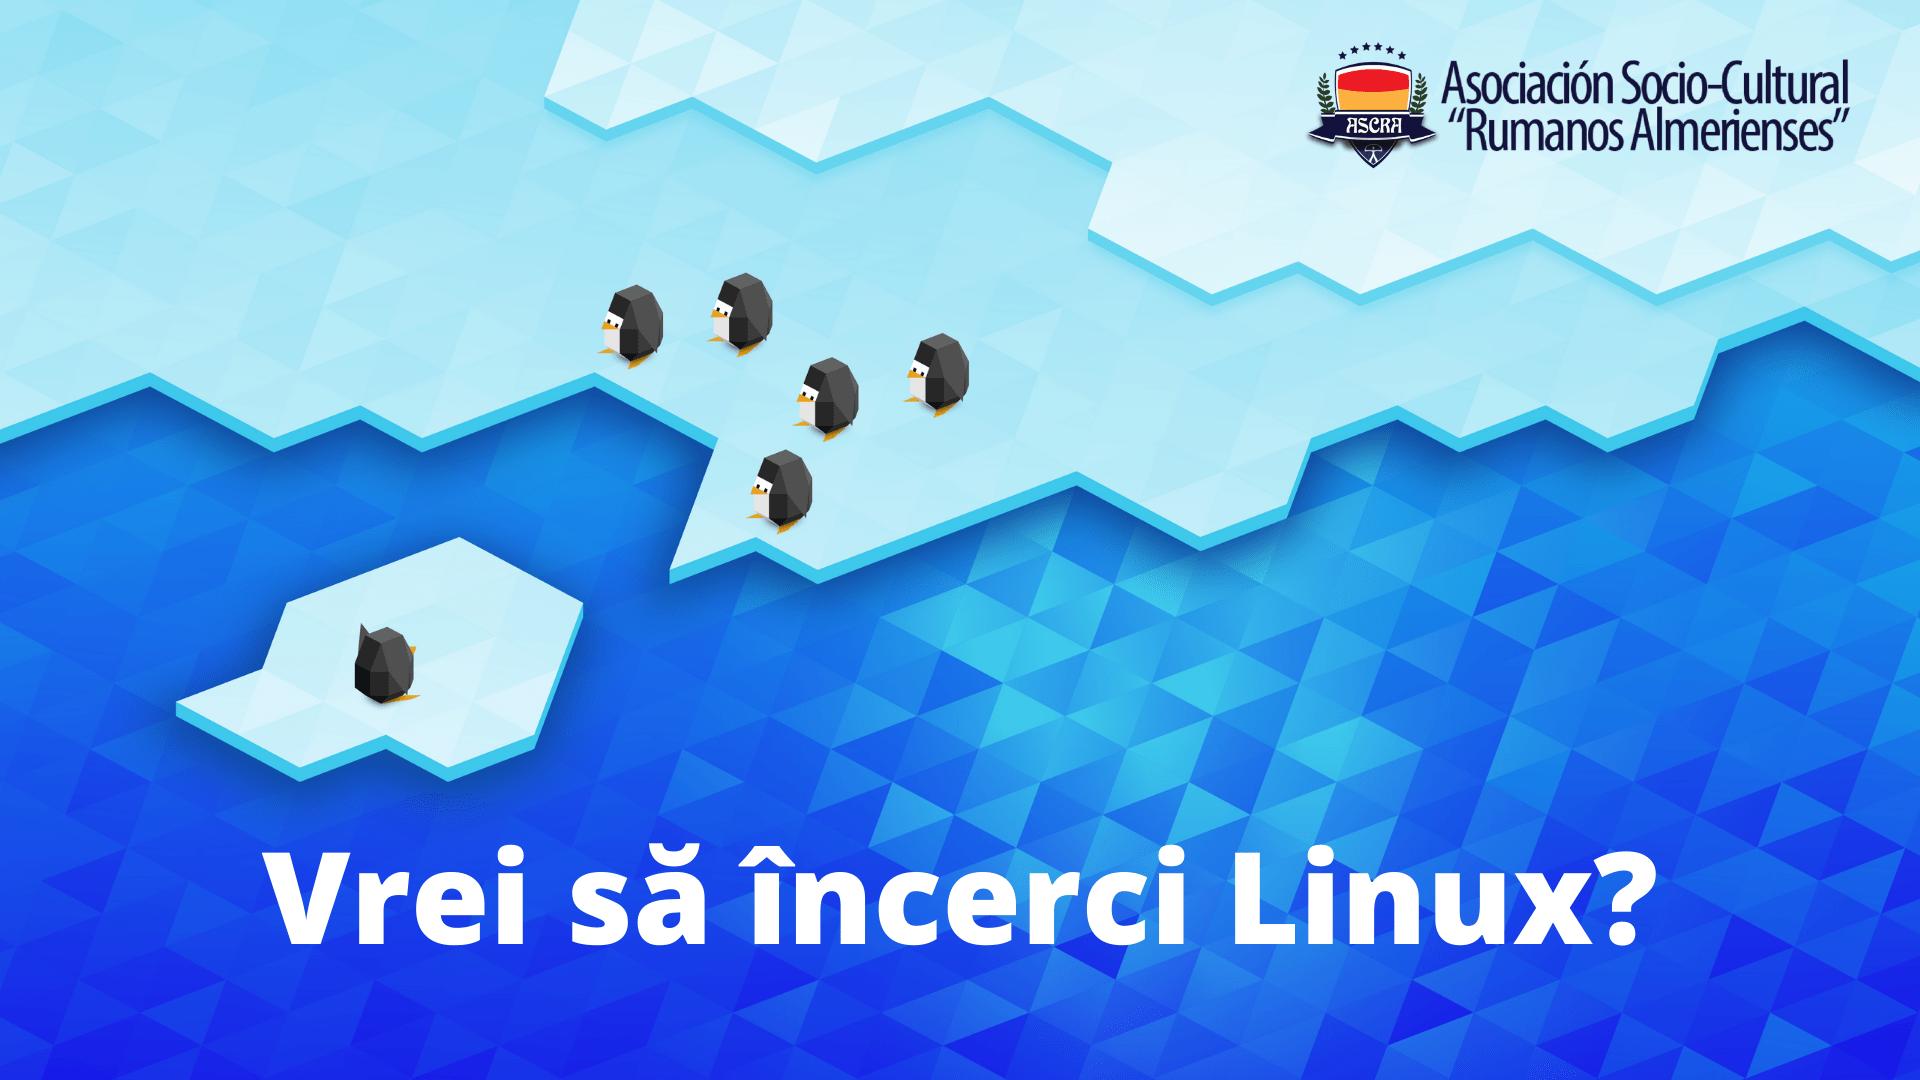 Vrei să încerci Linux?